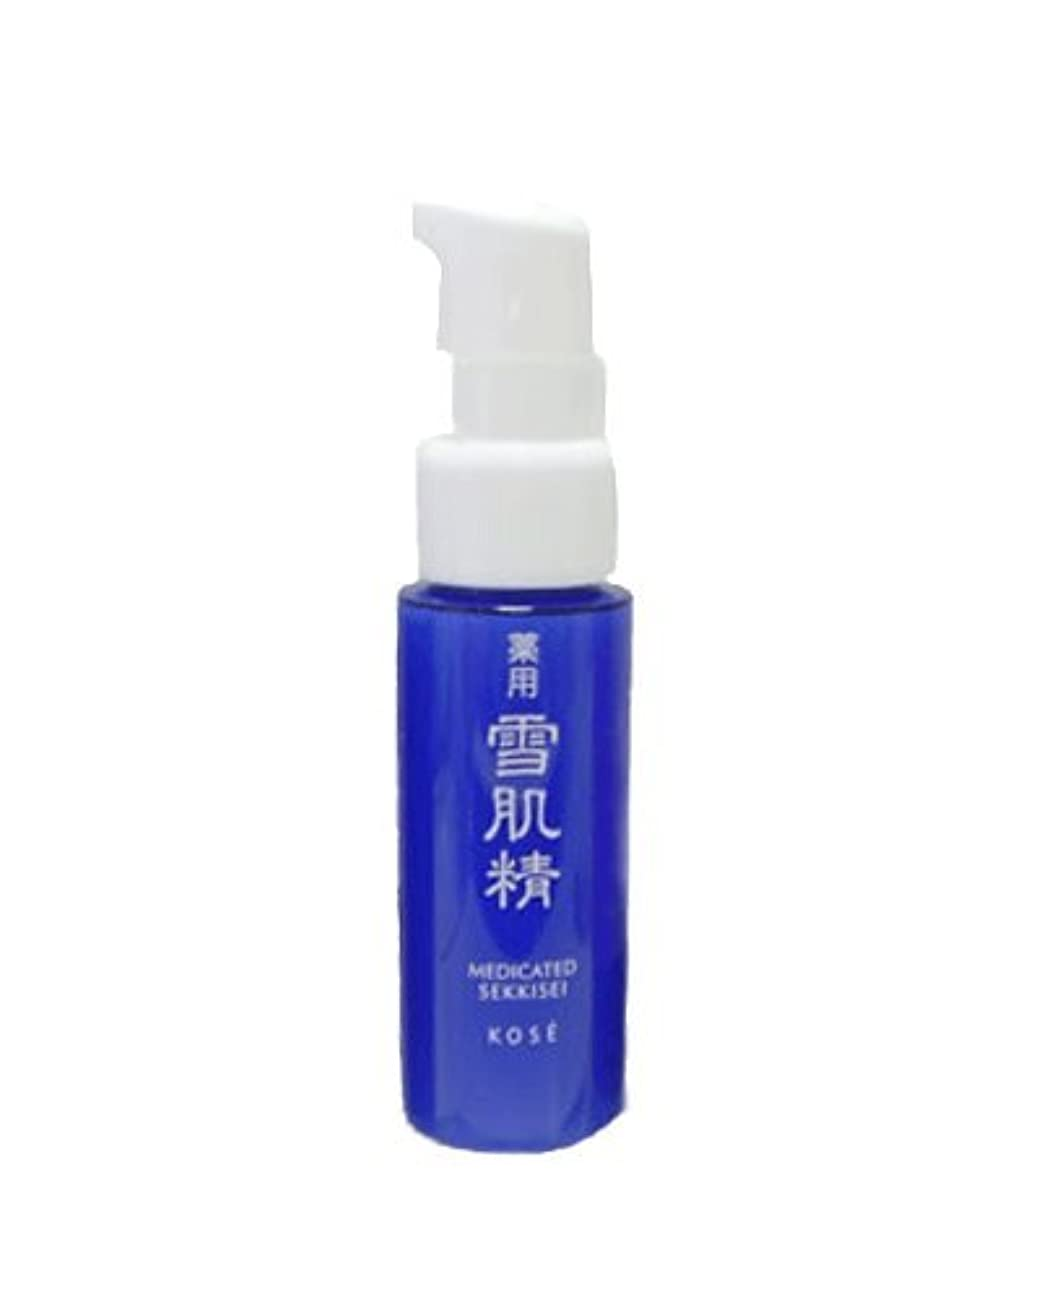 ジョグ織機変成器【コーセー】 薬用雪肌精 乳液 20ml 【ミニサイズ】